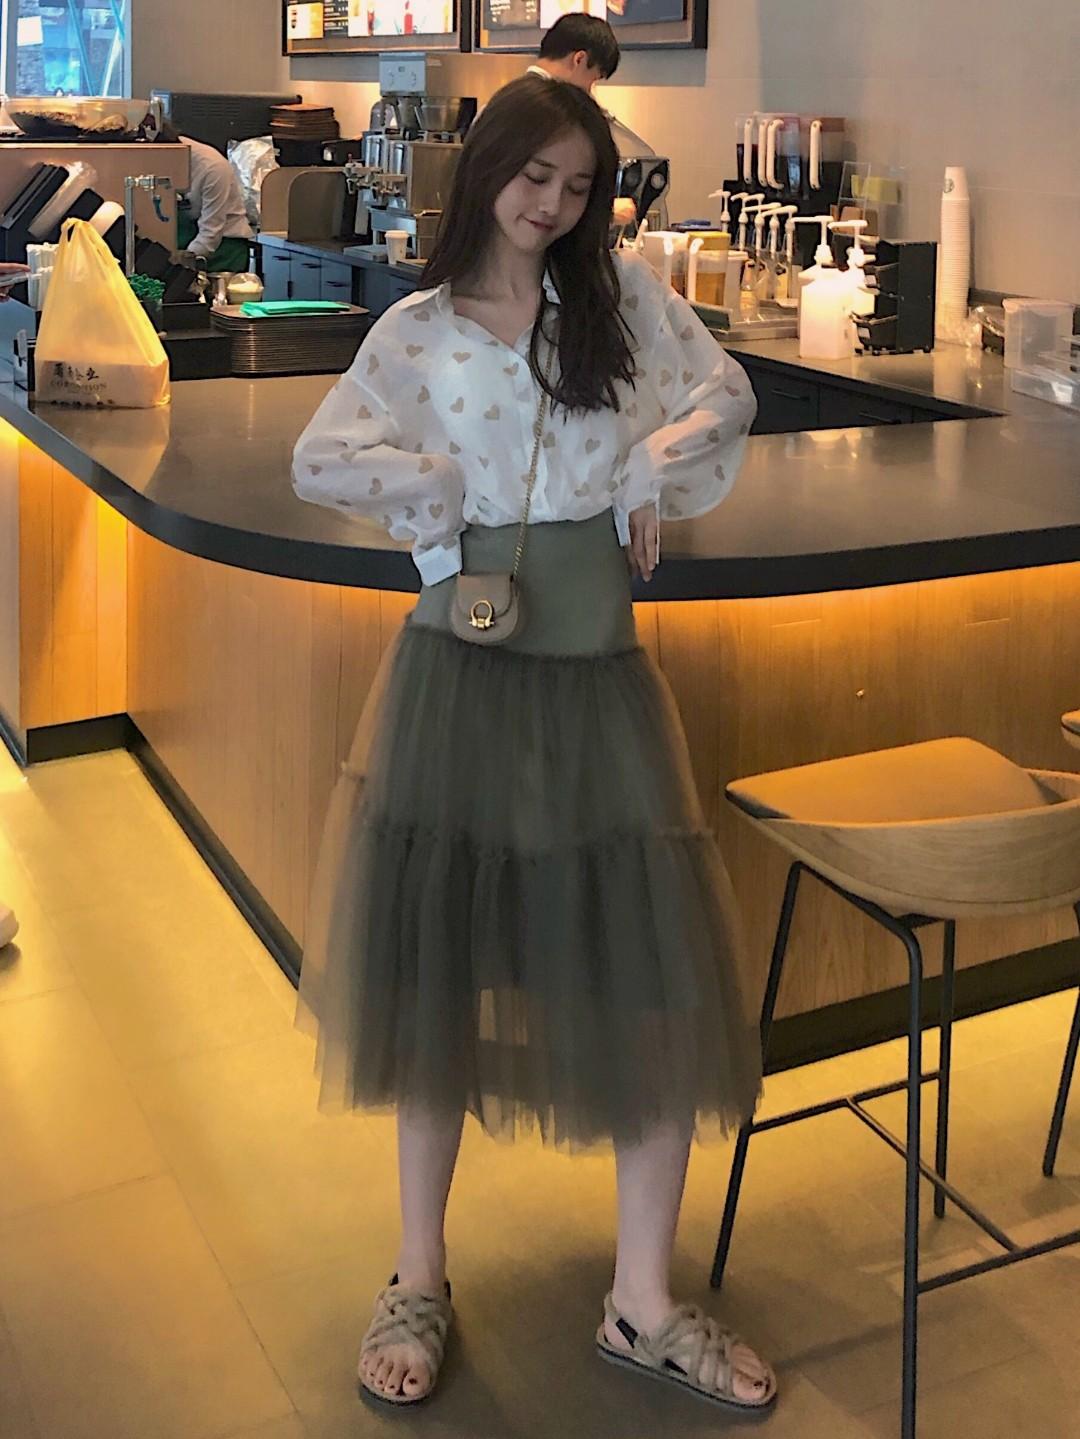 下半身这条纱纱裙真的超好搭配 面料也是很高级的欧根纱 上次我搭配了一件蛋黄T恤 和一件紫色的t恤 今天我搭配了一件棉麻料子的爱心衬衫哦,有一点小小的透视哦,当然有小姐姐觉得有点漏的话可以里面搭配一件小吊带拉,就跟我一样。#显瘦公式:v领收腰大长裙#天气再凉快一点大家可以在外面搭配一个小皮衣man娘平衡一下~或者穿个针织衫装装个柔弱都是极好的哦。